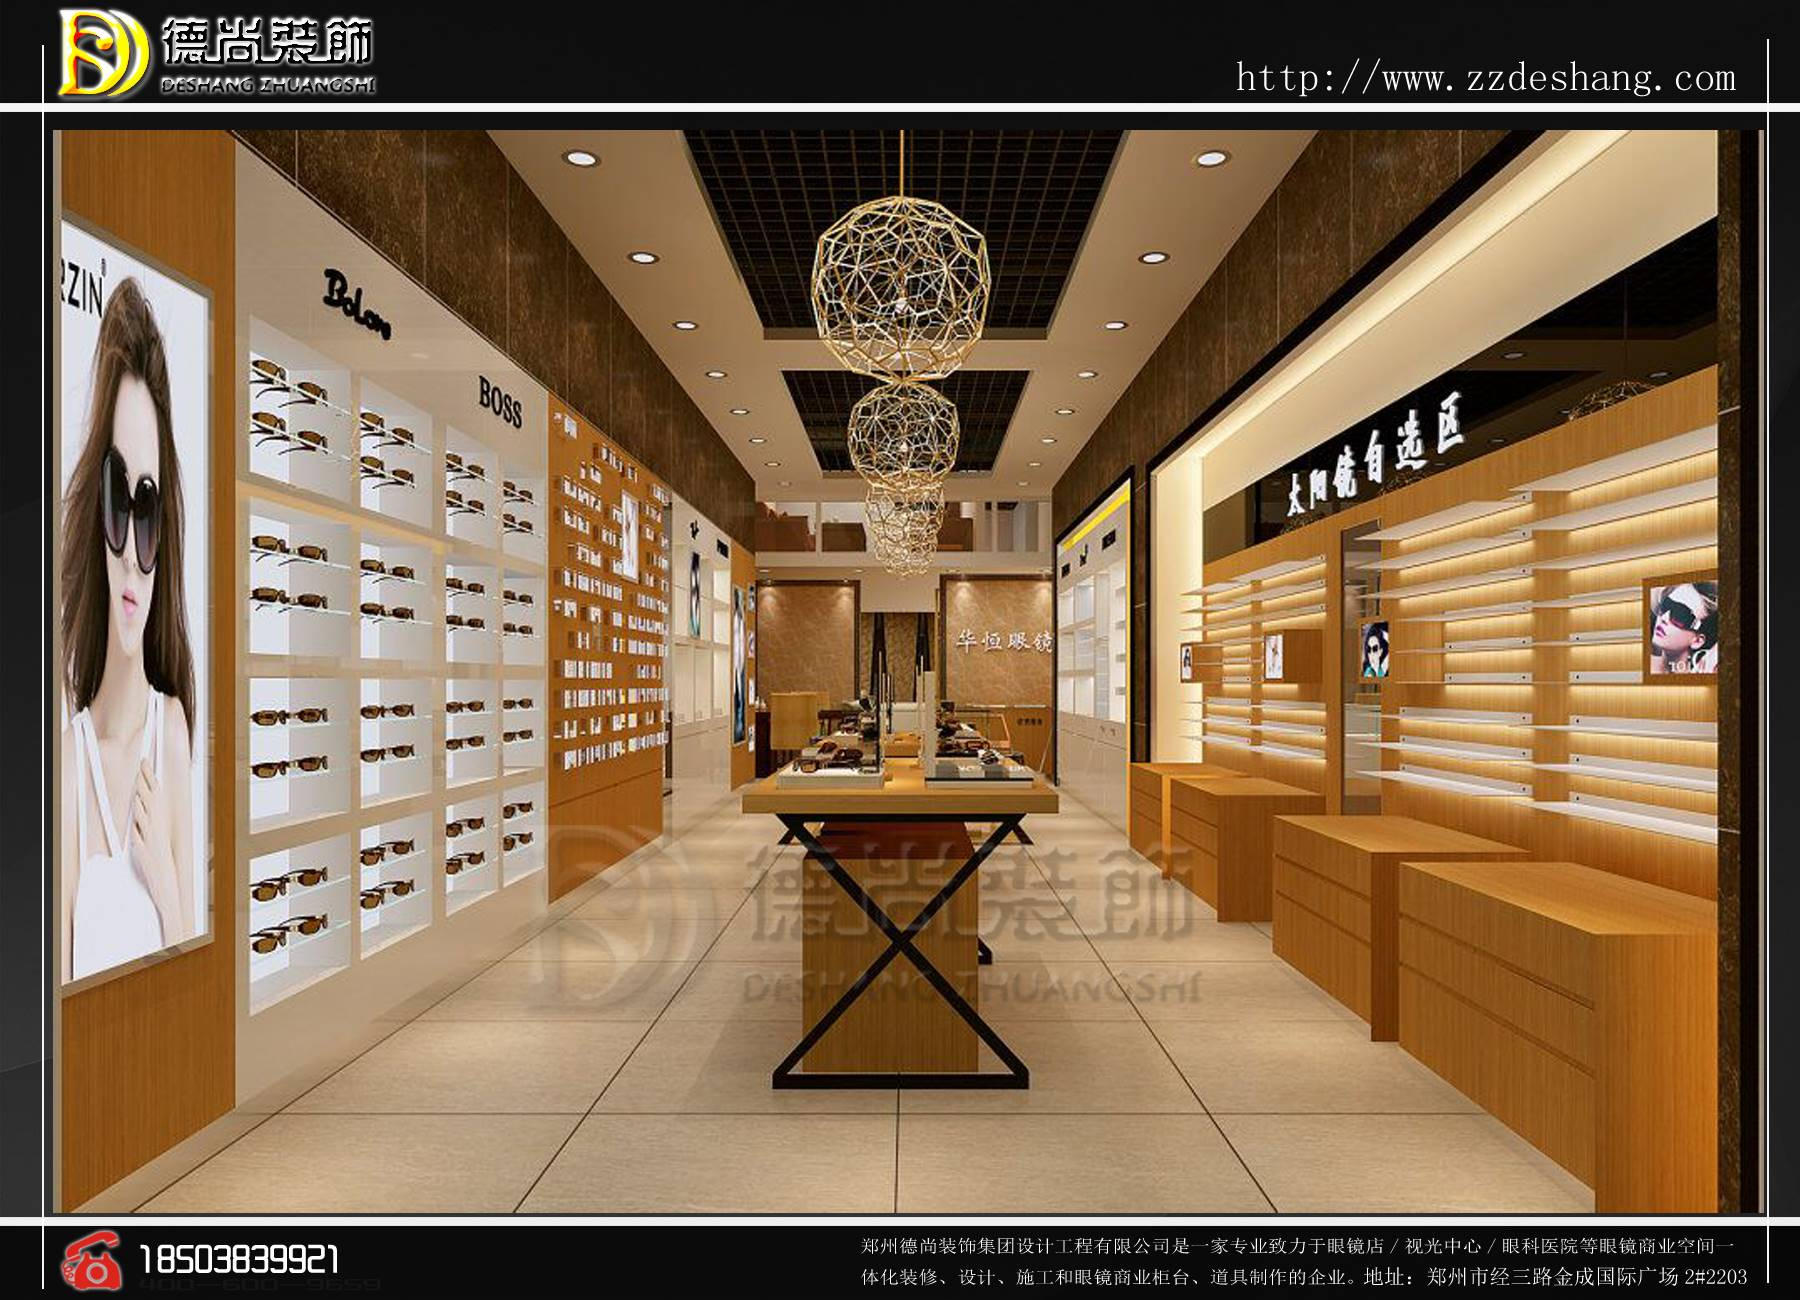 眼镜店装修眼镜展柜-----眼镜店装修眼镜显示器